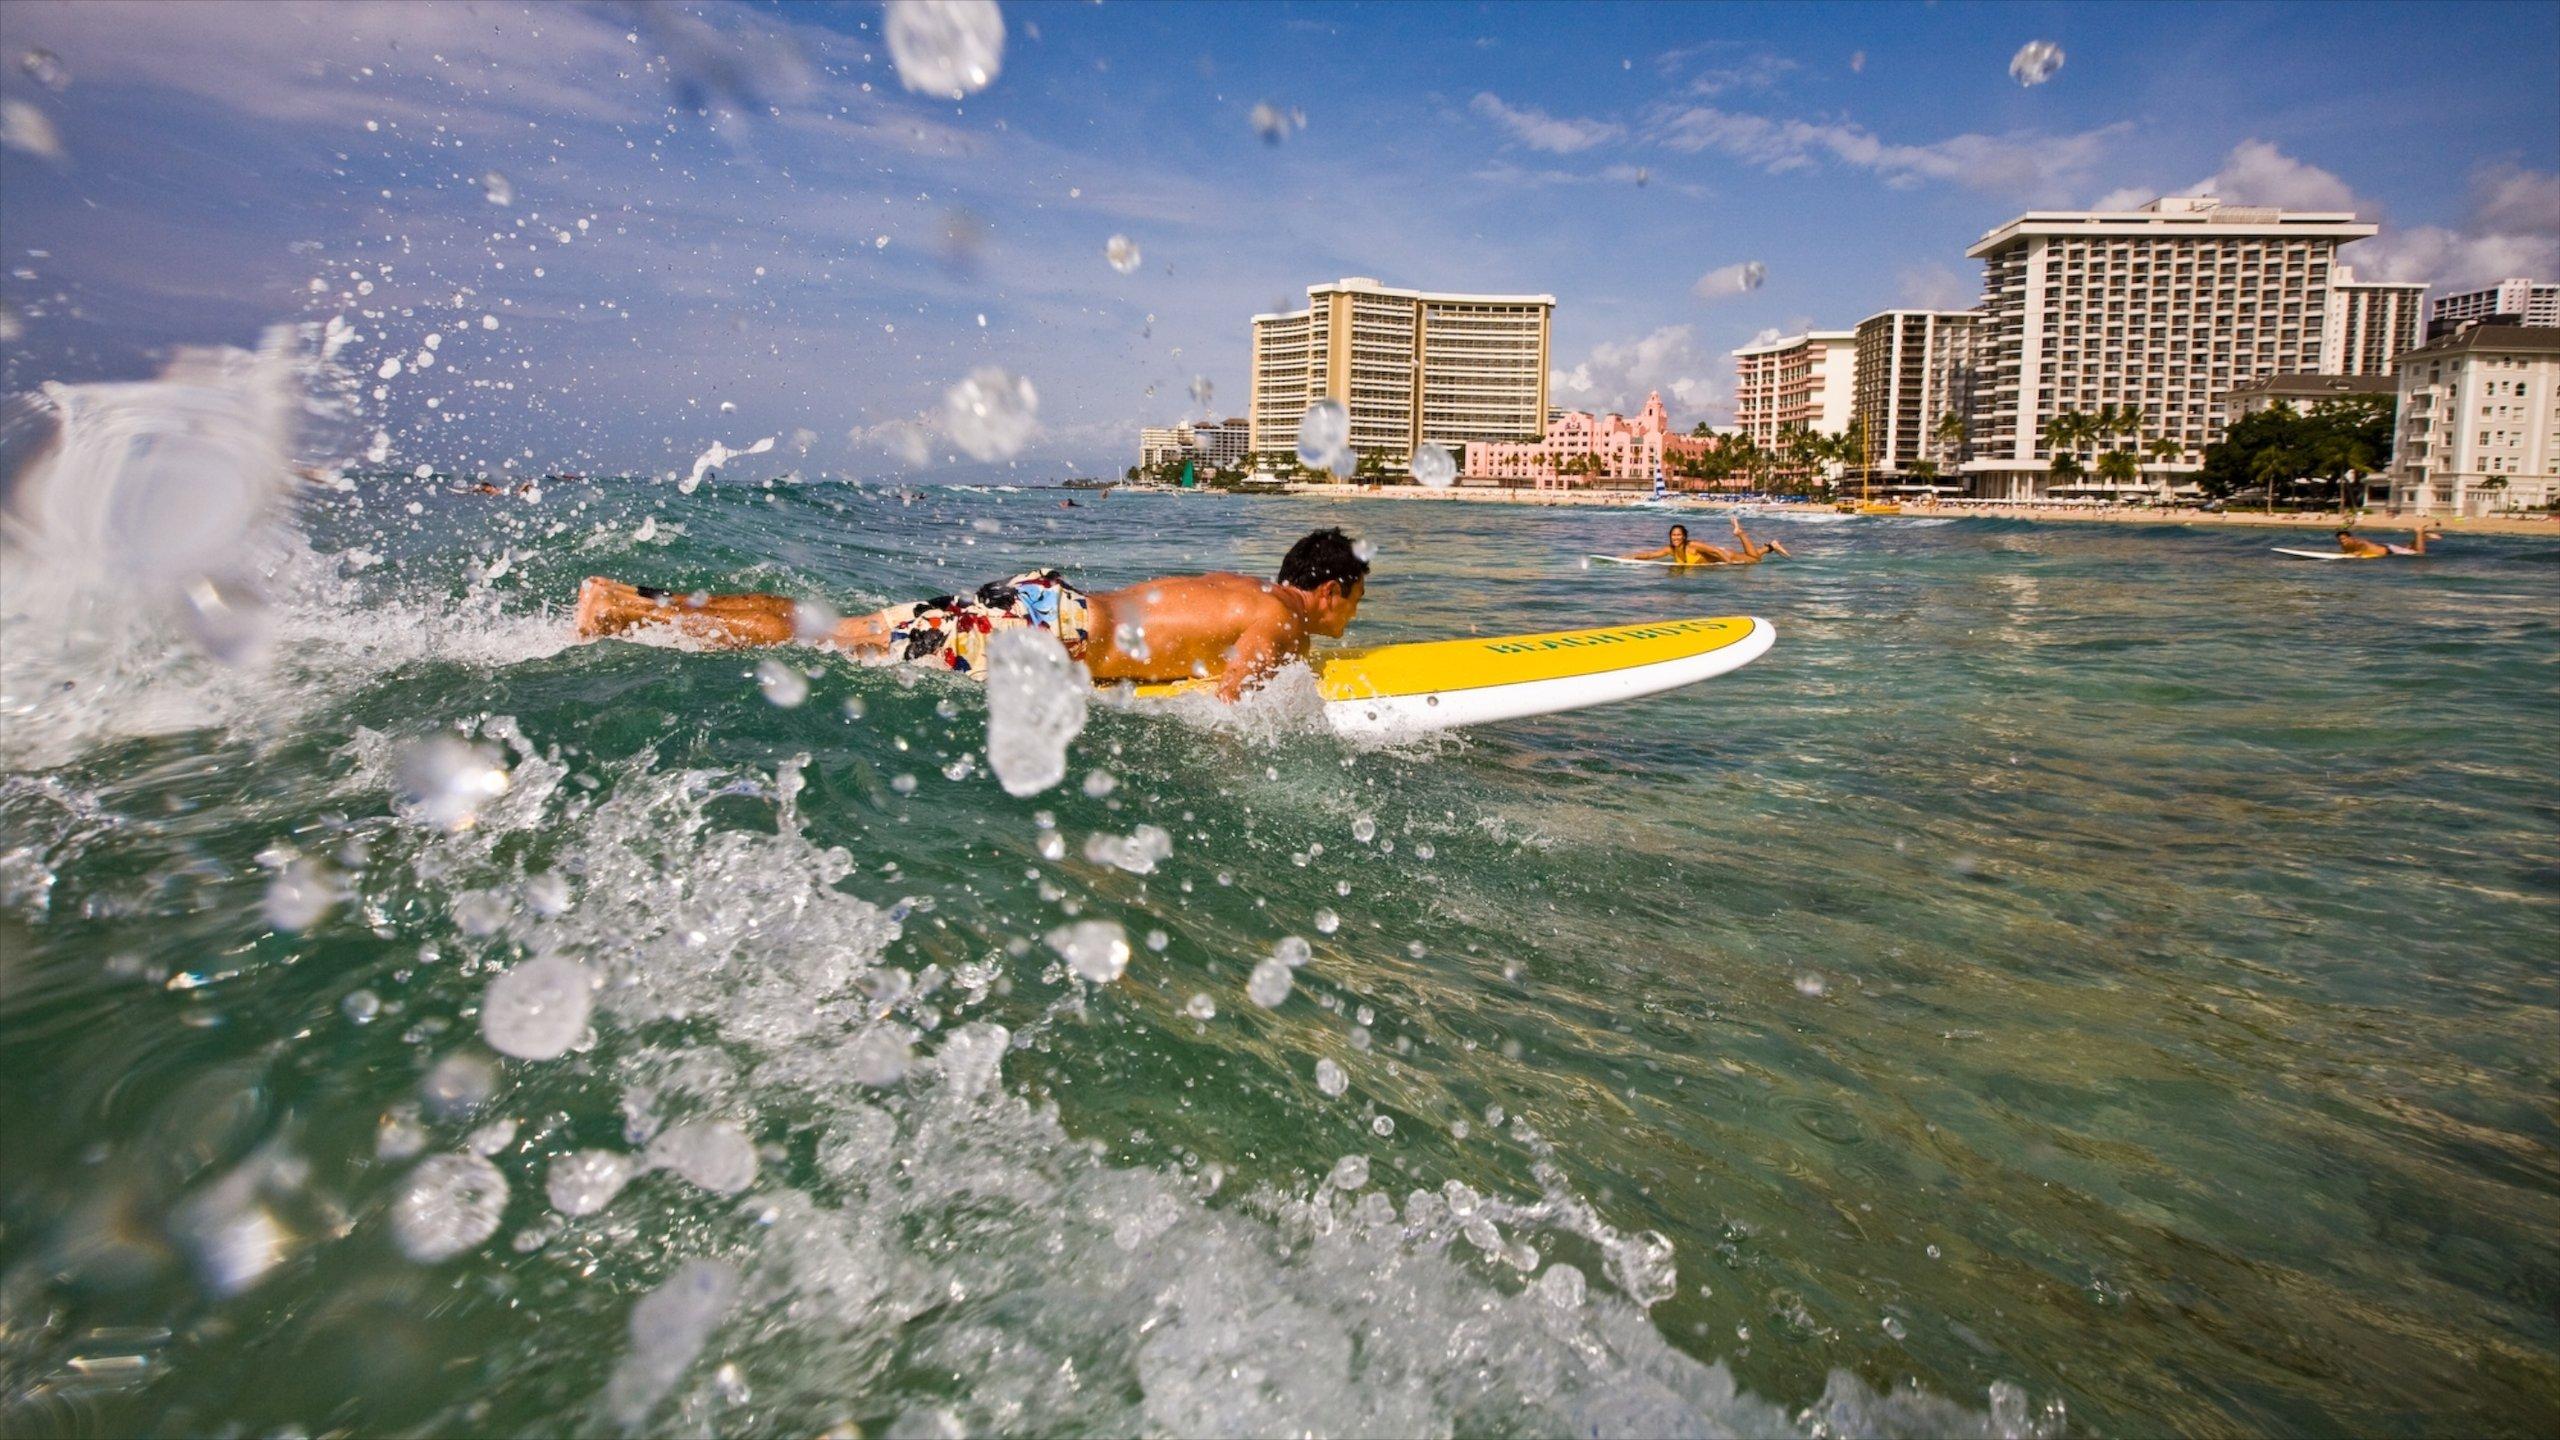 Honolulu County, Hawaii, United States of America